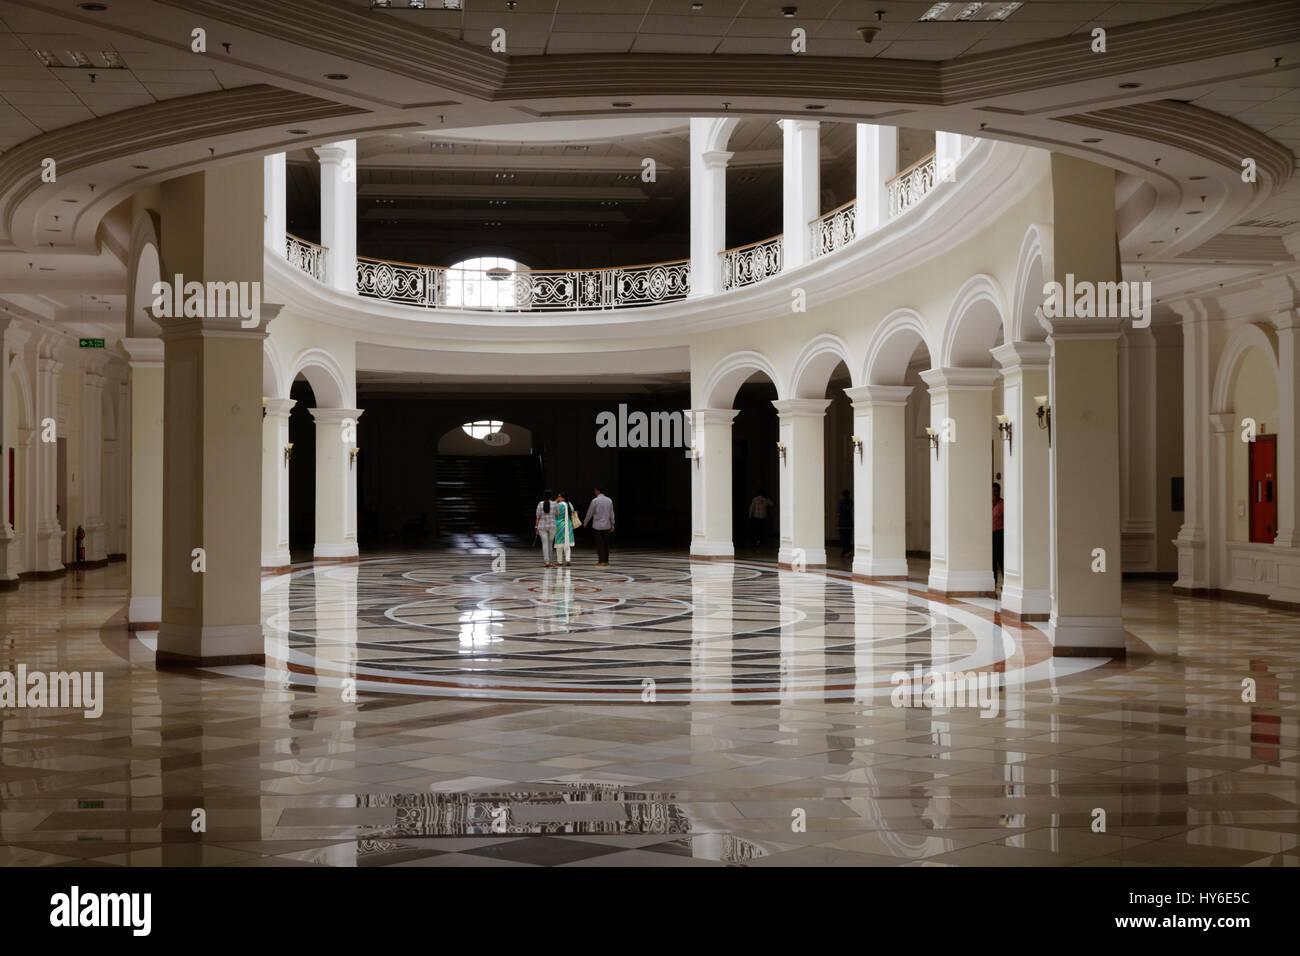 All'interno di campus Infosys a Mysore, India Immagini Stock